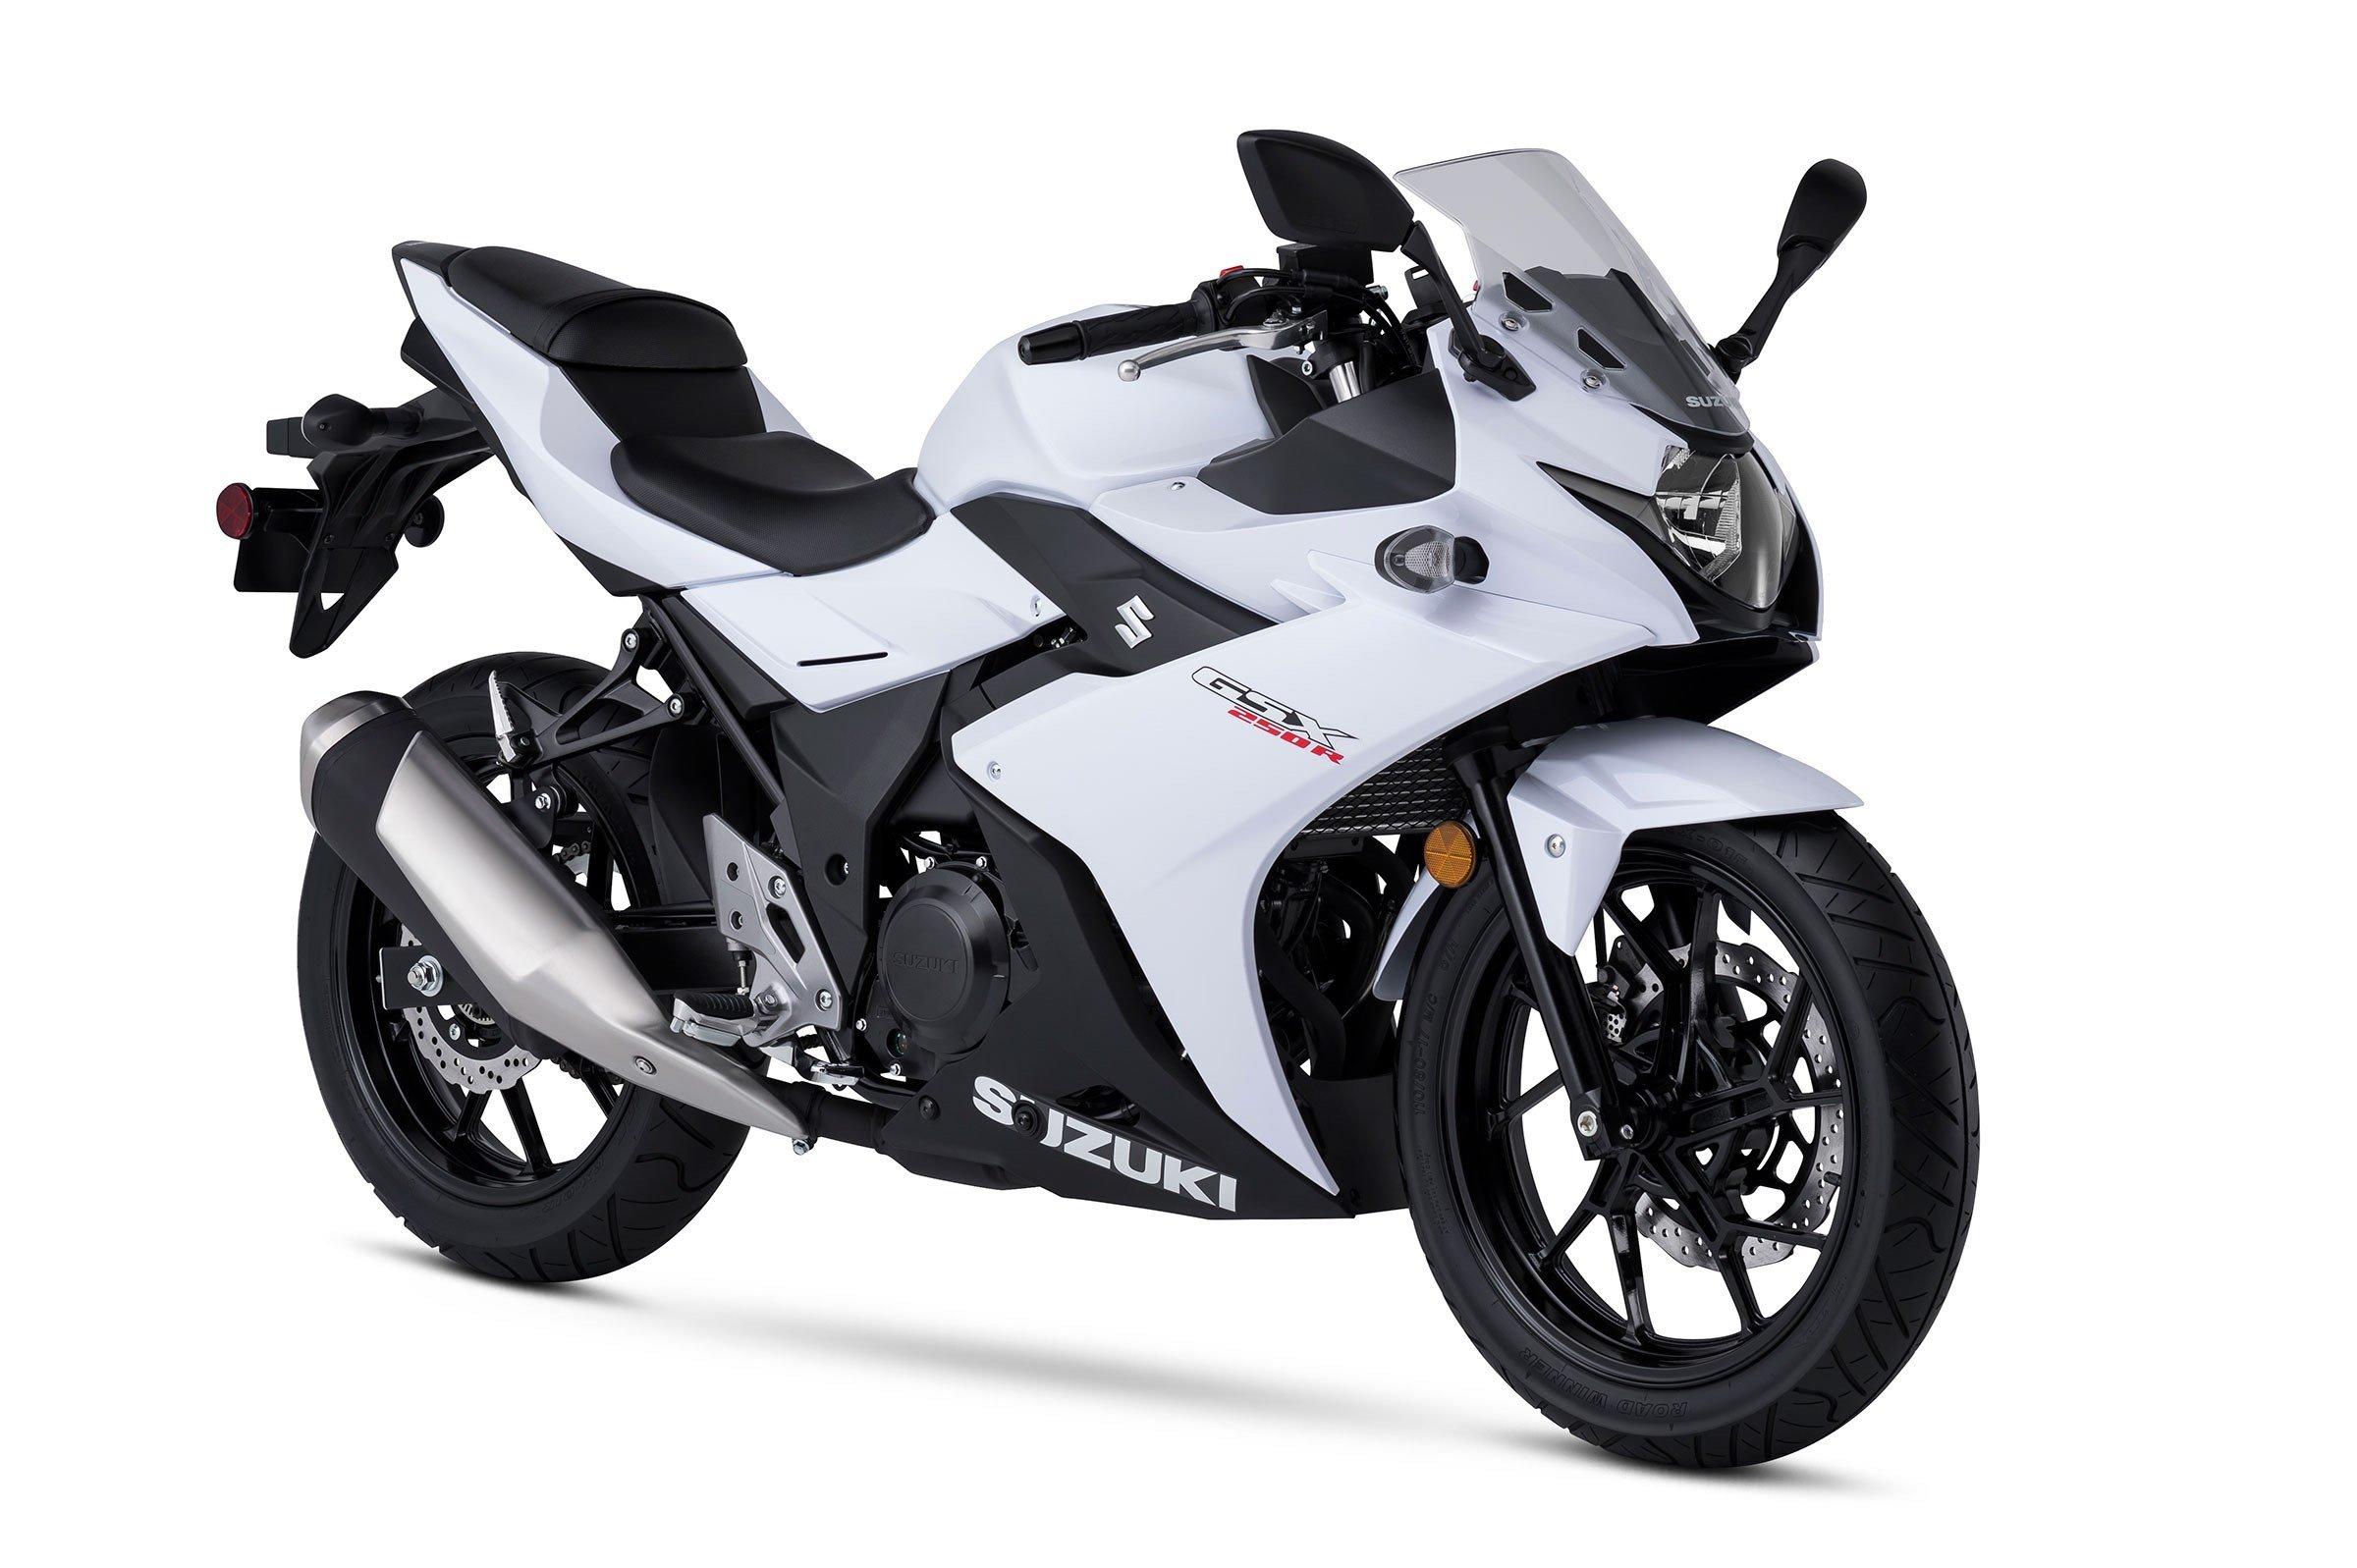 2018 Suzuki GSX250R specs